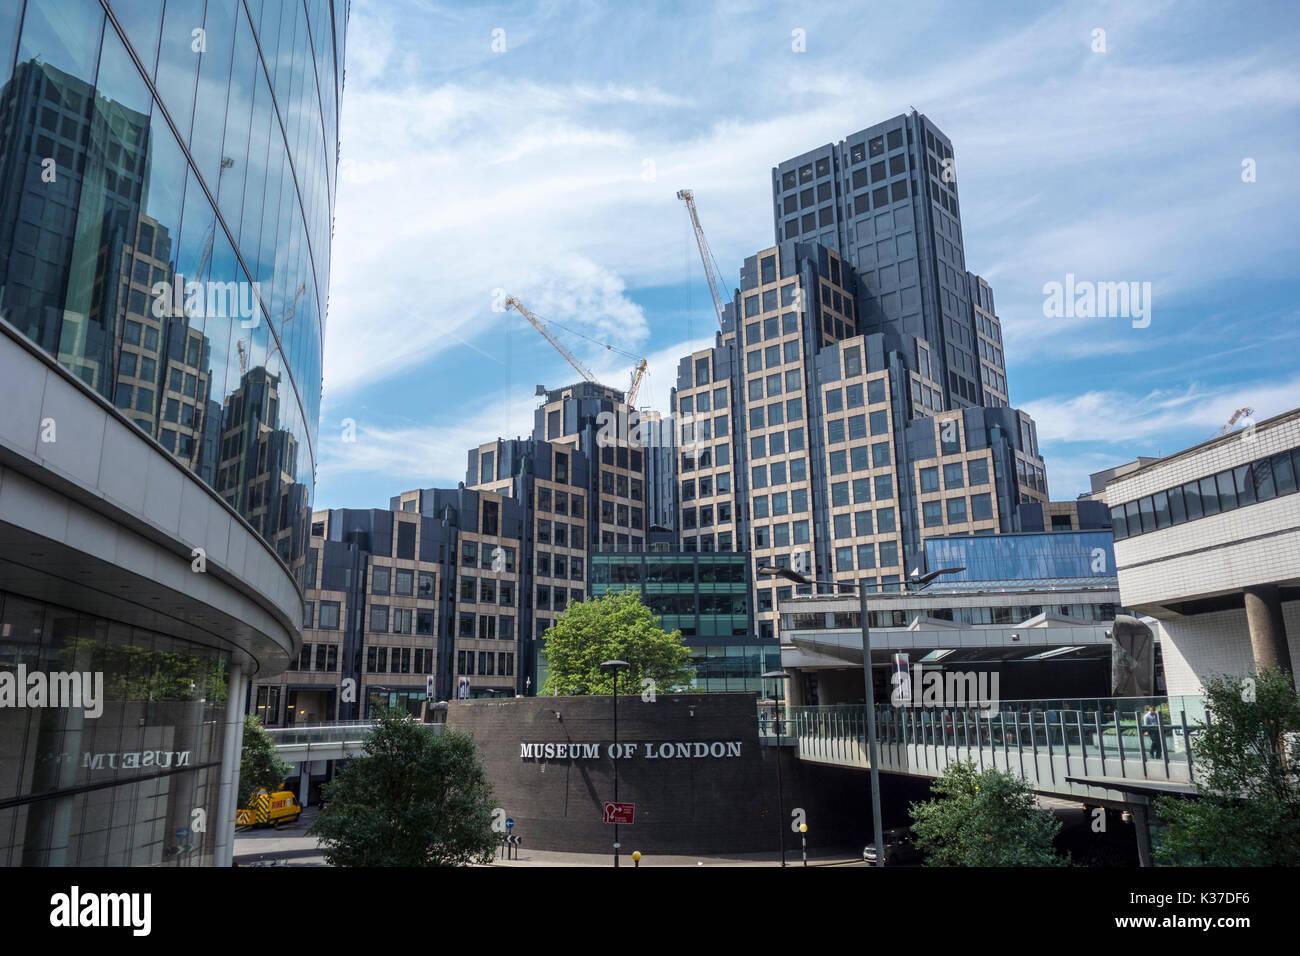 200 Aldersgate, elevato aumento edifici per uffici, il Museo di Londra e London Wall. Città di Londra, Regno Unito Immagini Stock